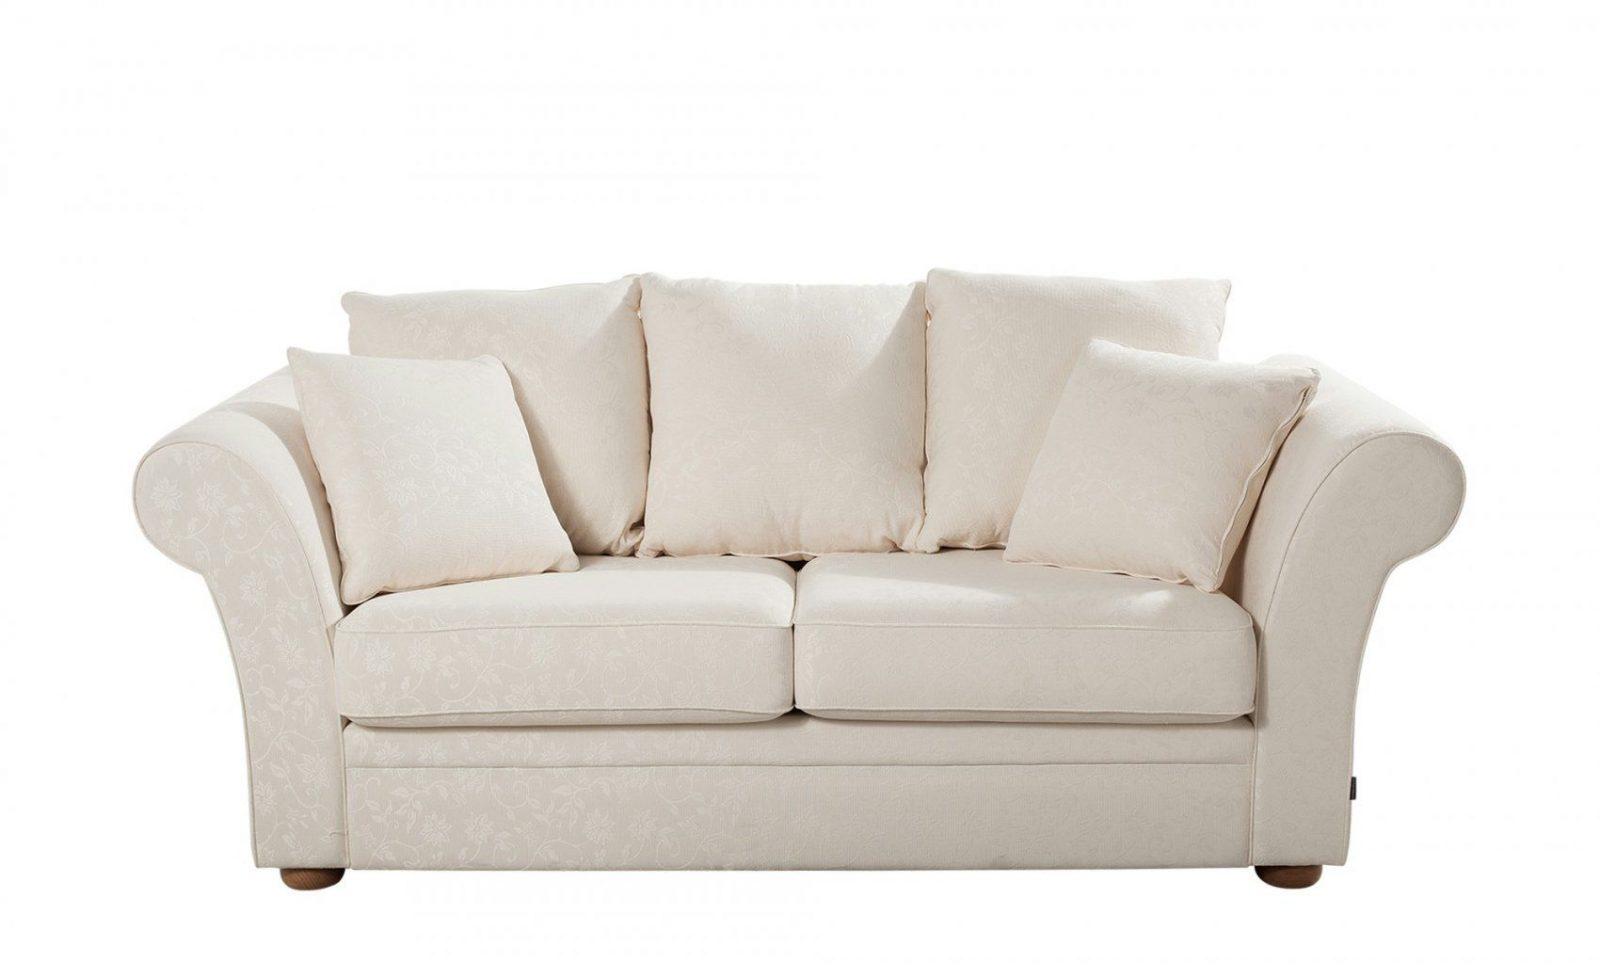 Sofa Landhausstil Sofatil Weic39F Couch Gunstig Im Mit Bettfunktion von Sofa Landhausstil Mit Schlaffunktion Photo